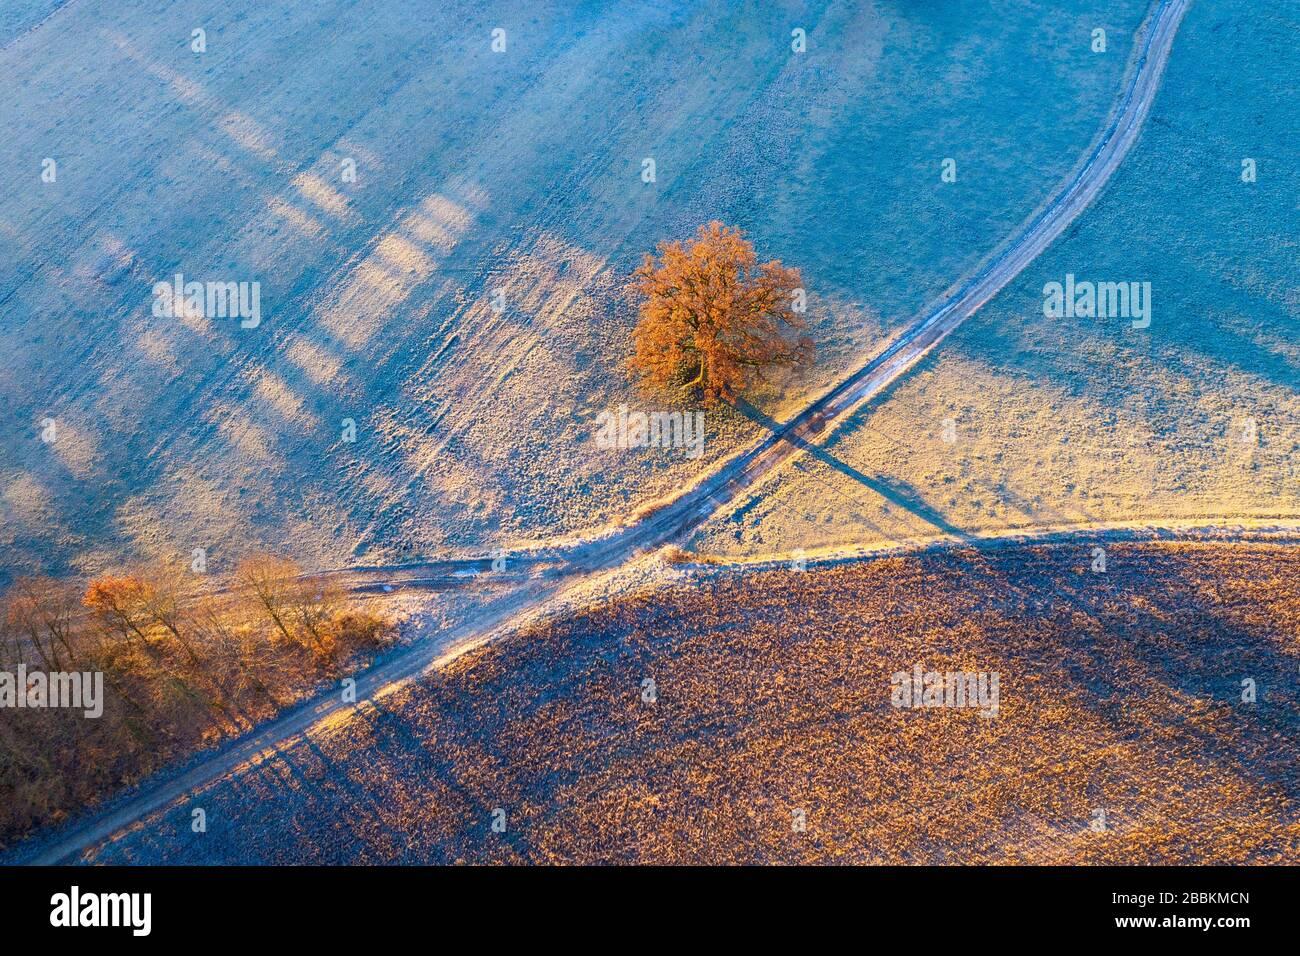 Chemins de champ et chêne avec givre le matin, près de Icking, drone shot, Haute-Bavière, Bavière, Allemagne Banque D'Images